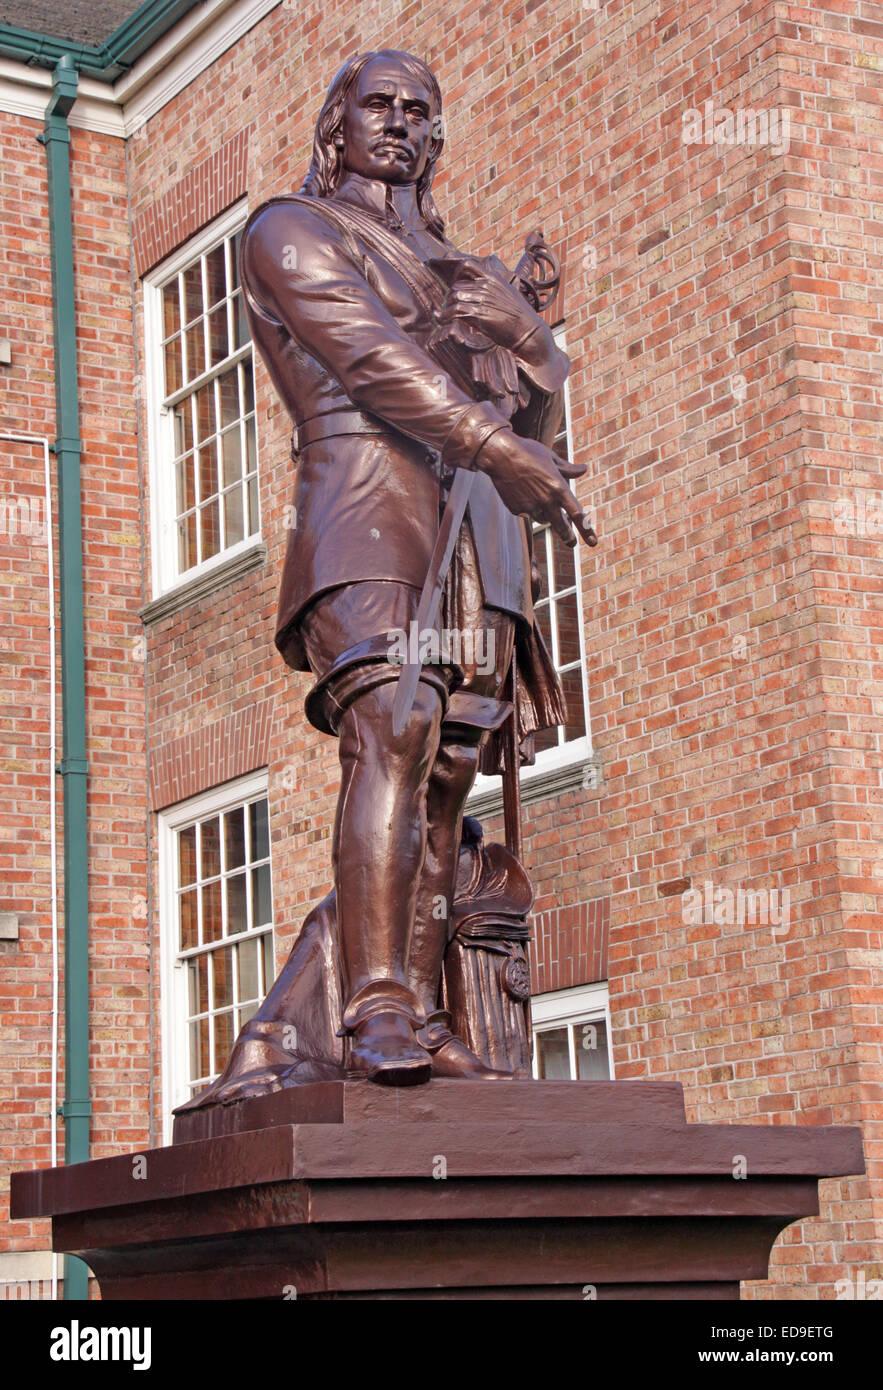 Laden Sie dieses Alamy Stockfoto Oliver Cromwell Statue, steht inmitten der Warrington Akademie (Guardian) in Warrington, Cheshire, England, UK - ED9ETG